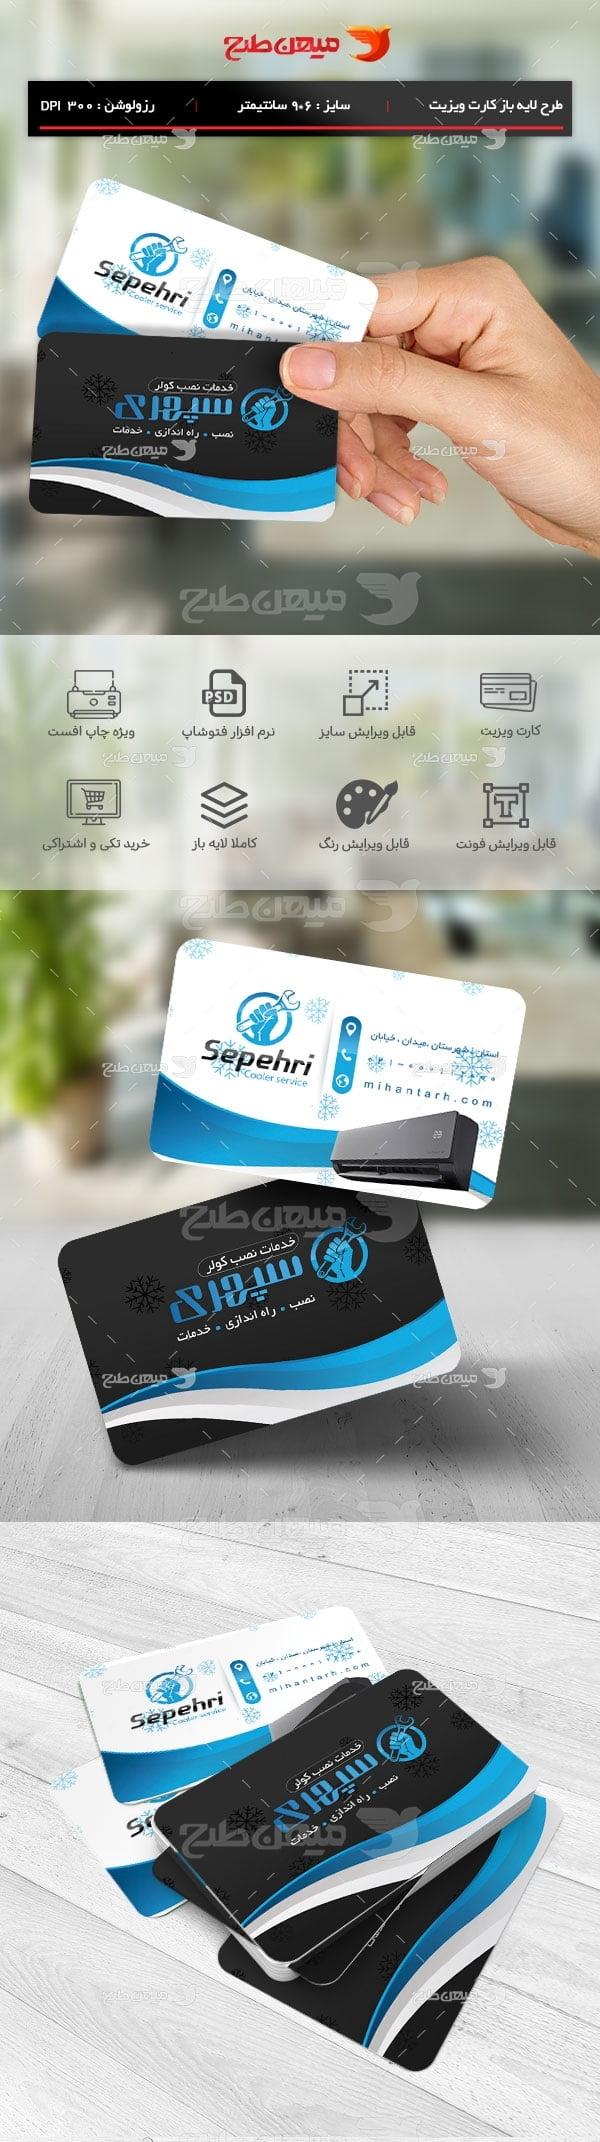 کارت ویزیت لایه باز نصب کولر